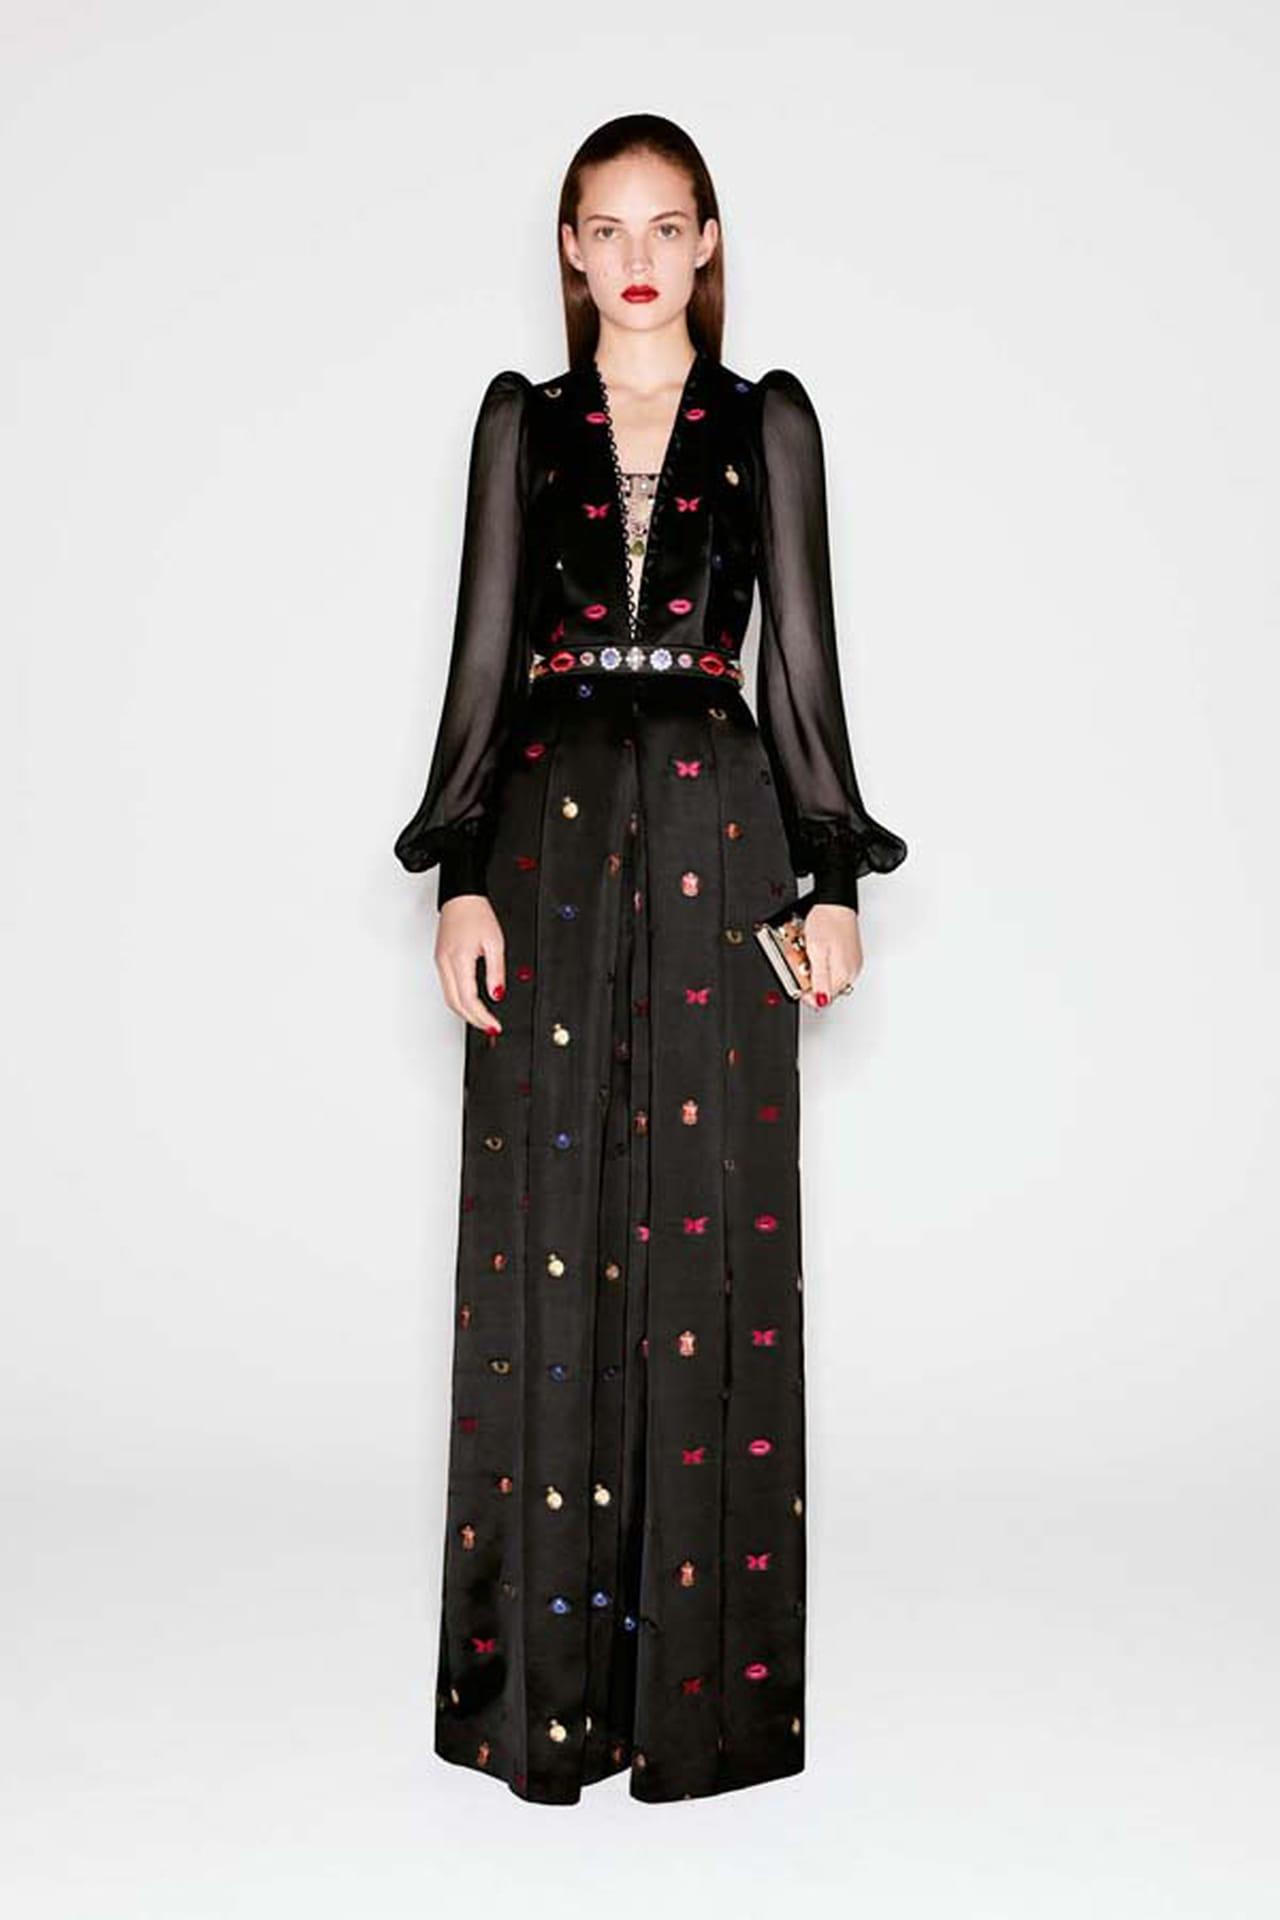 c5240502c فستان أسود بأكمام من الشيفون وياقة على شكل حرف V من توقيع ألكسندر ماكوين  Alexander McQueen.